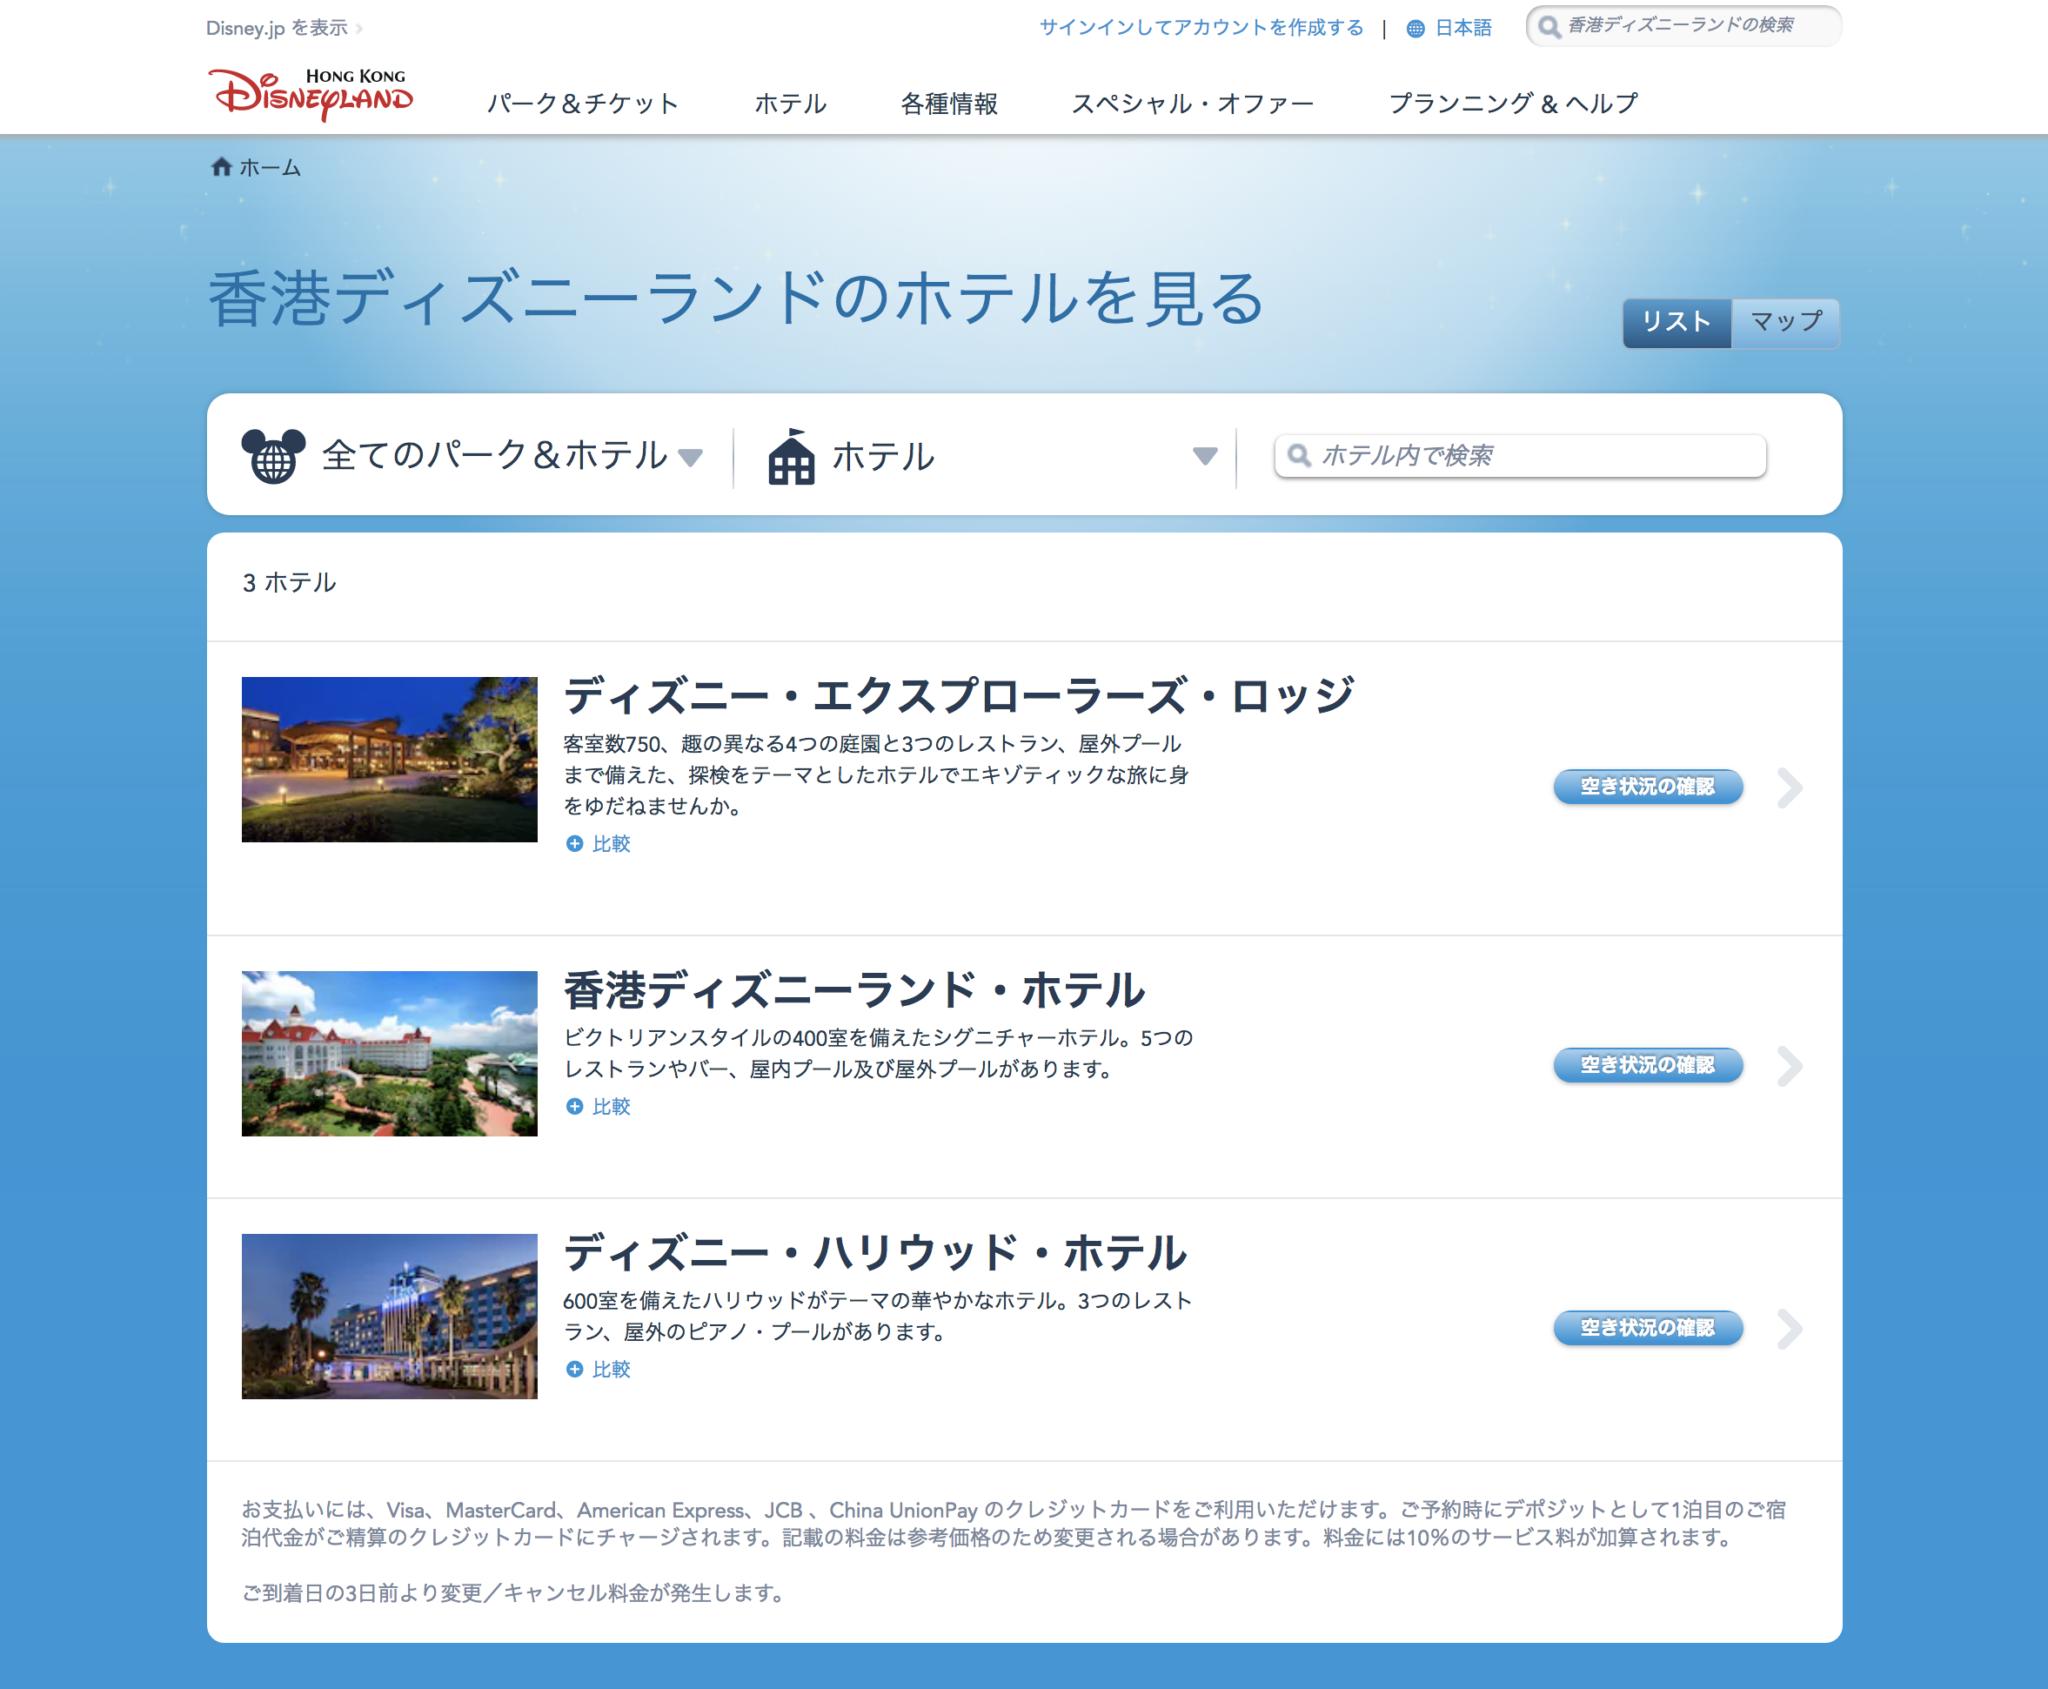 香港ディズニーランドホテル 公式サイトからの予約方法 | あおいとりっぷ